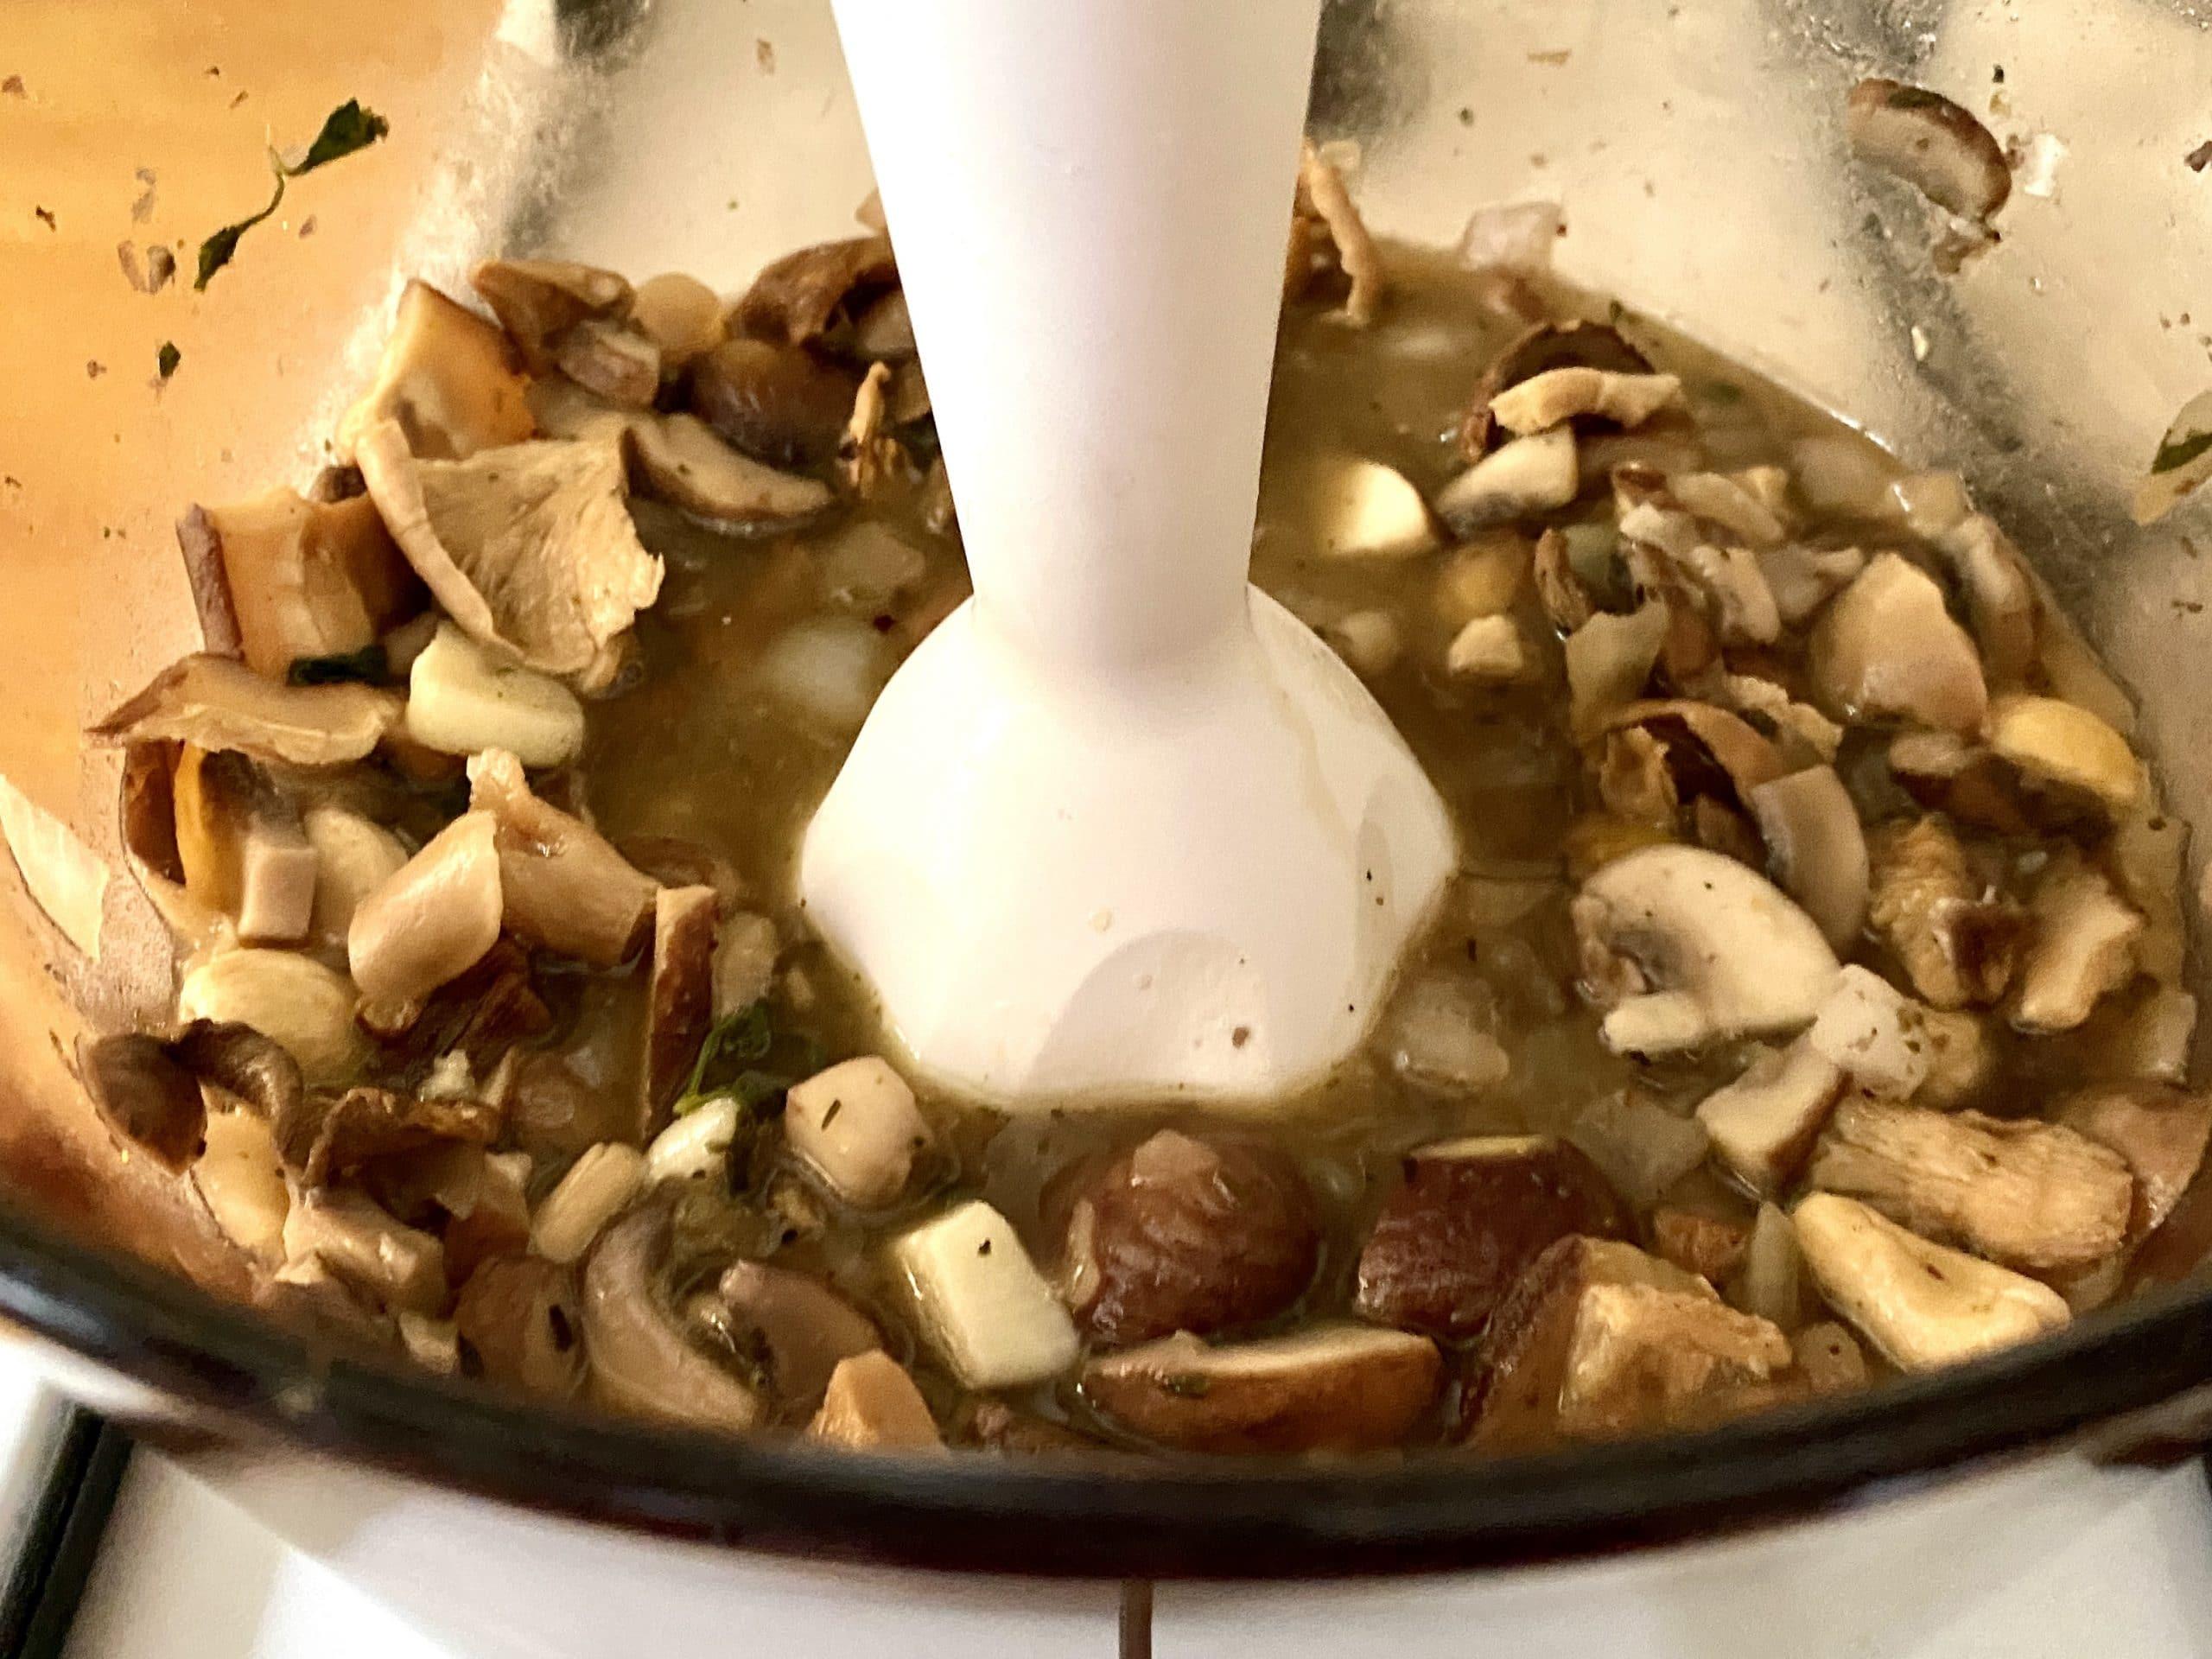 Mushroom and Chestnut Soup (Vegan) - Blending